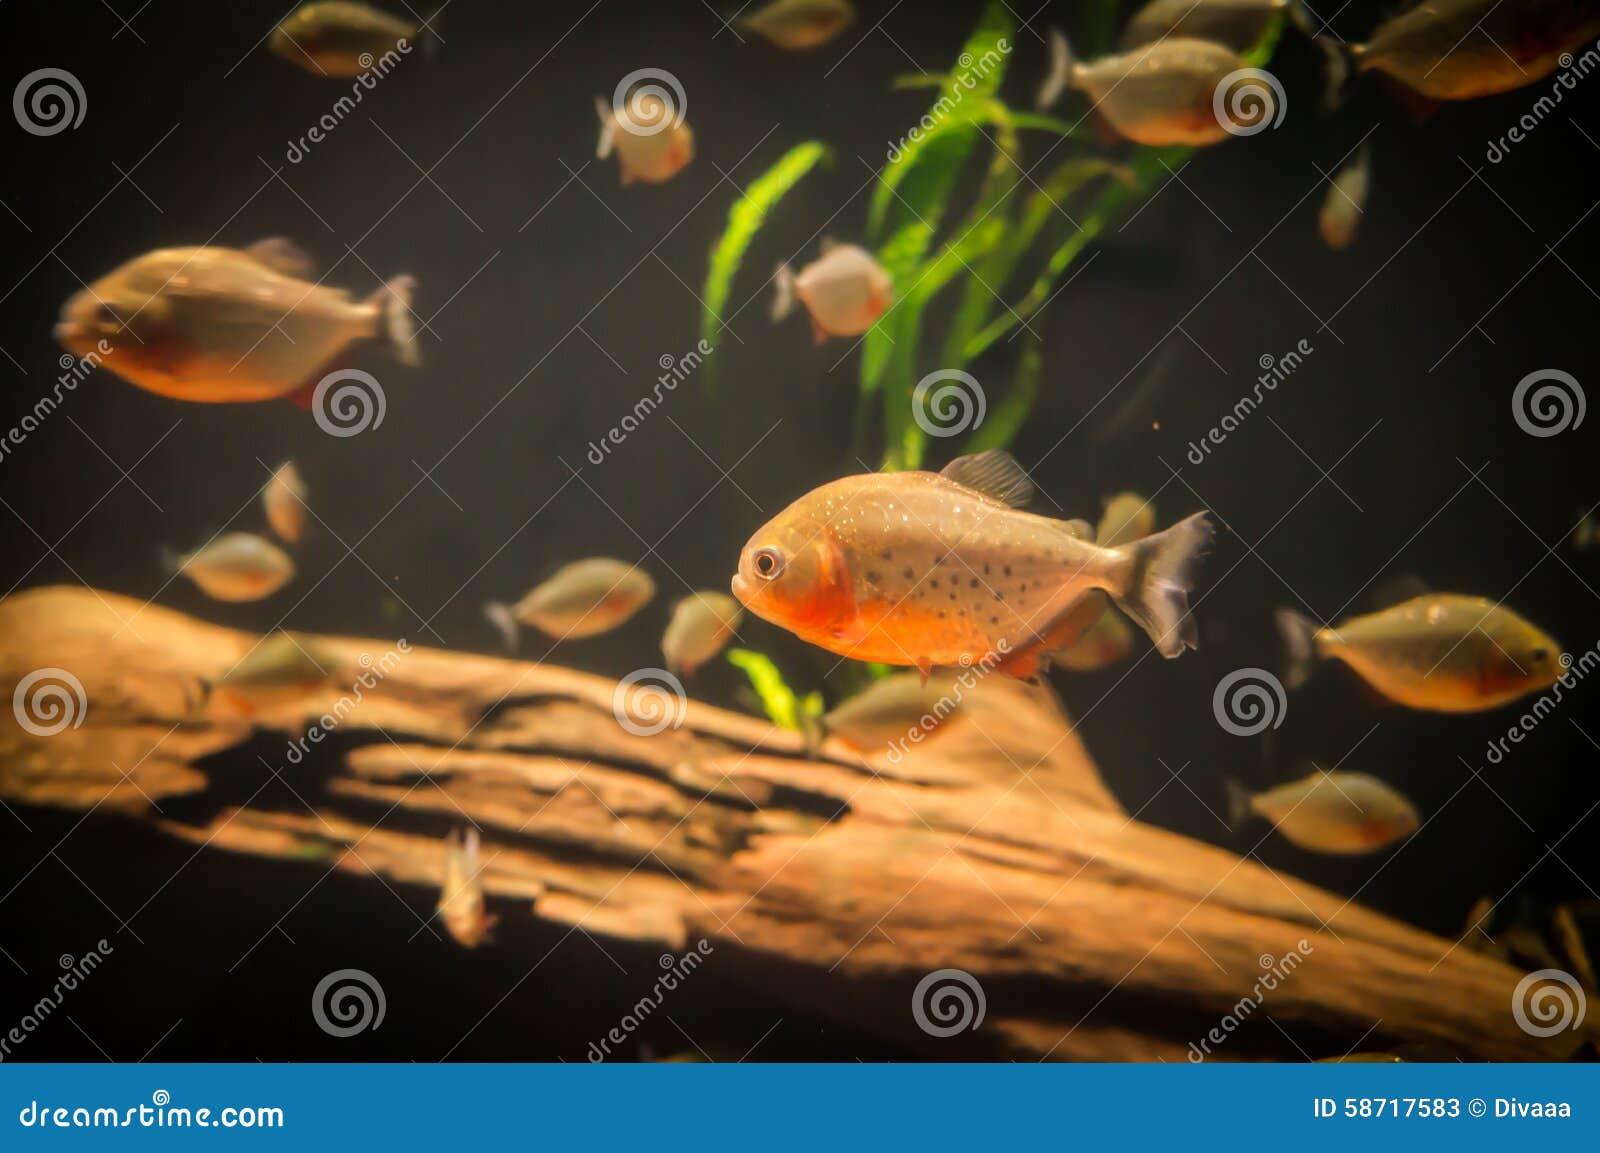 Poissons exotiques dans un aquarium photos stock for Poissons exotiques aquarium